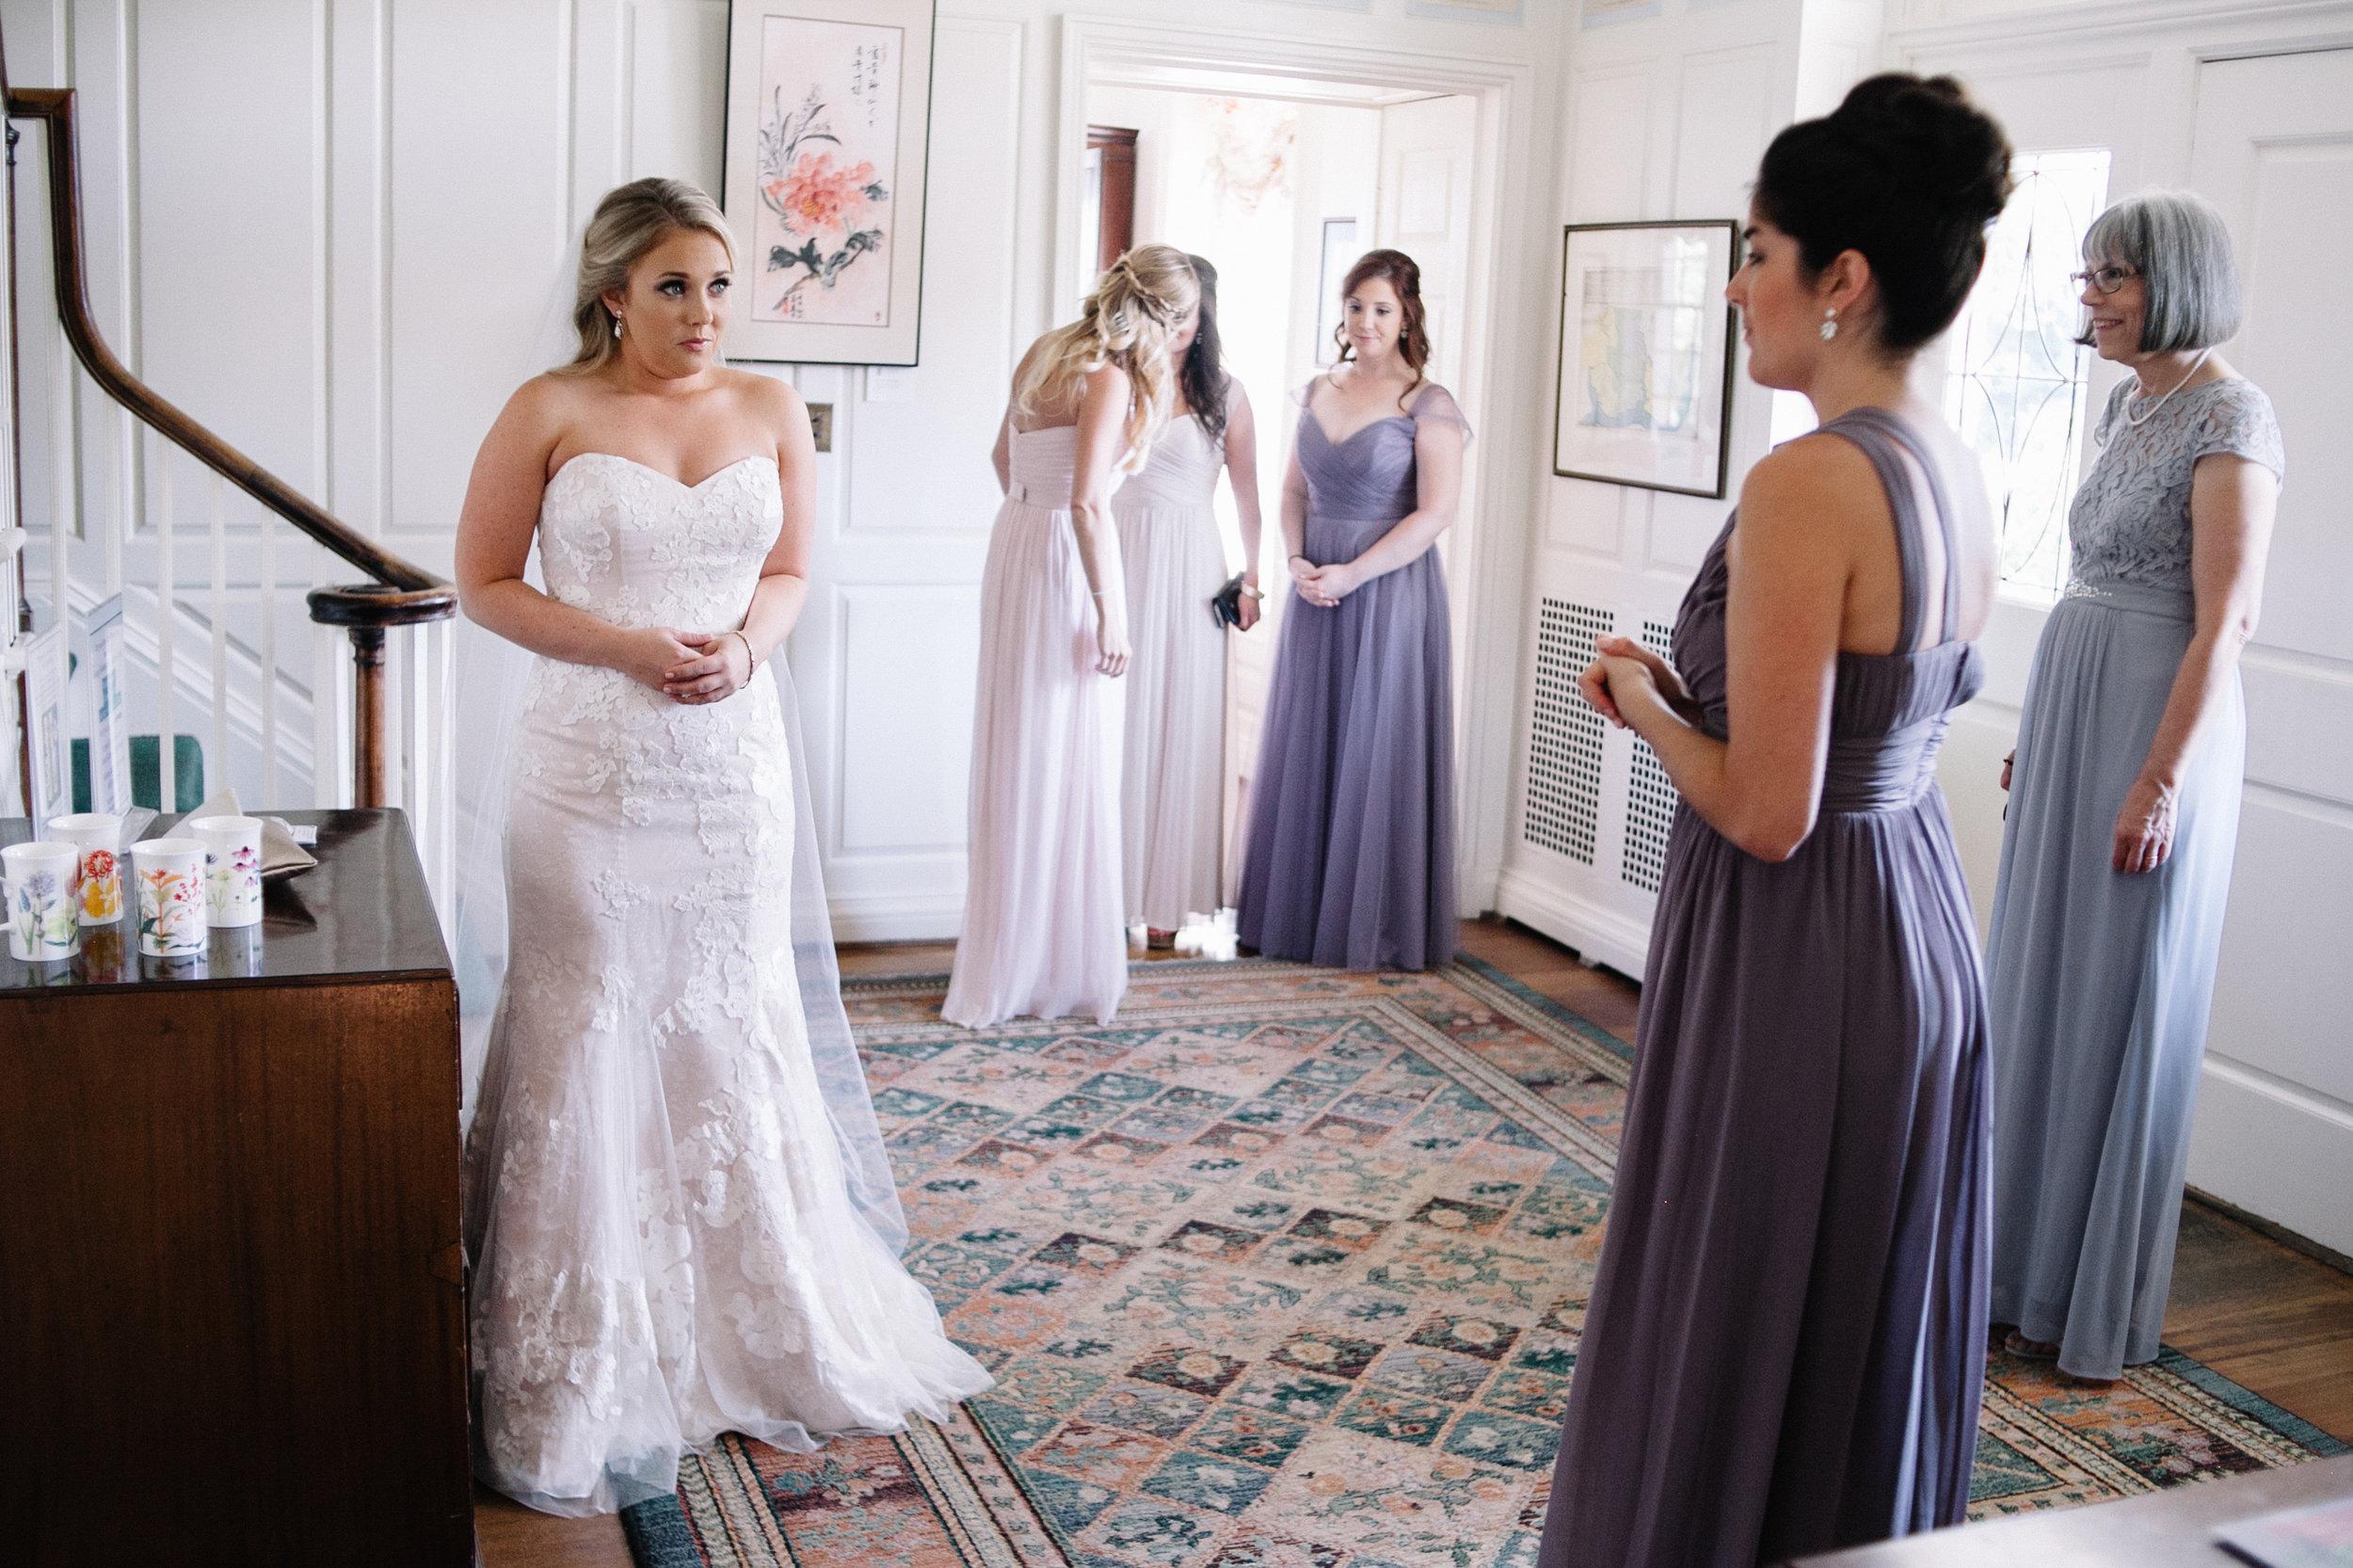 0176_megan_beth_dawson_river_farms_wedding.jpg